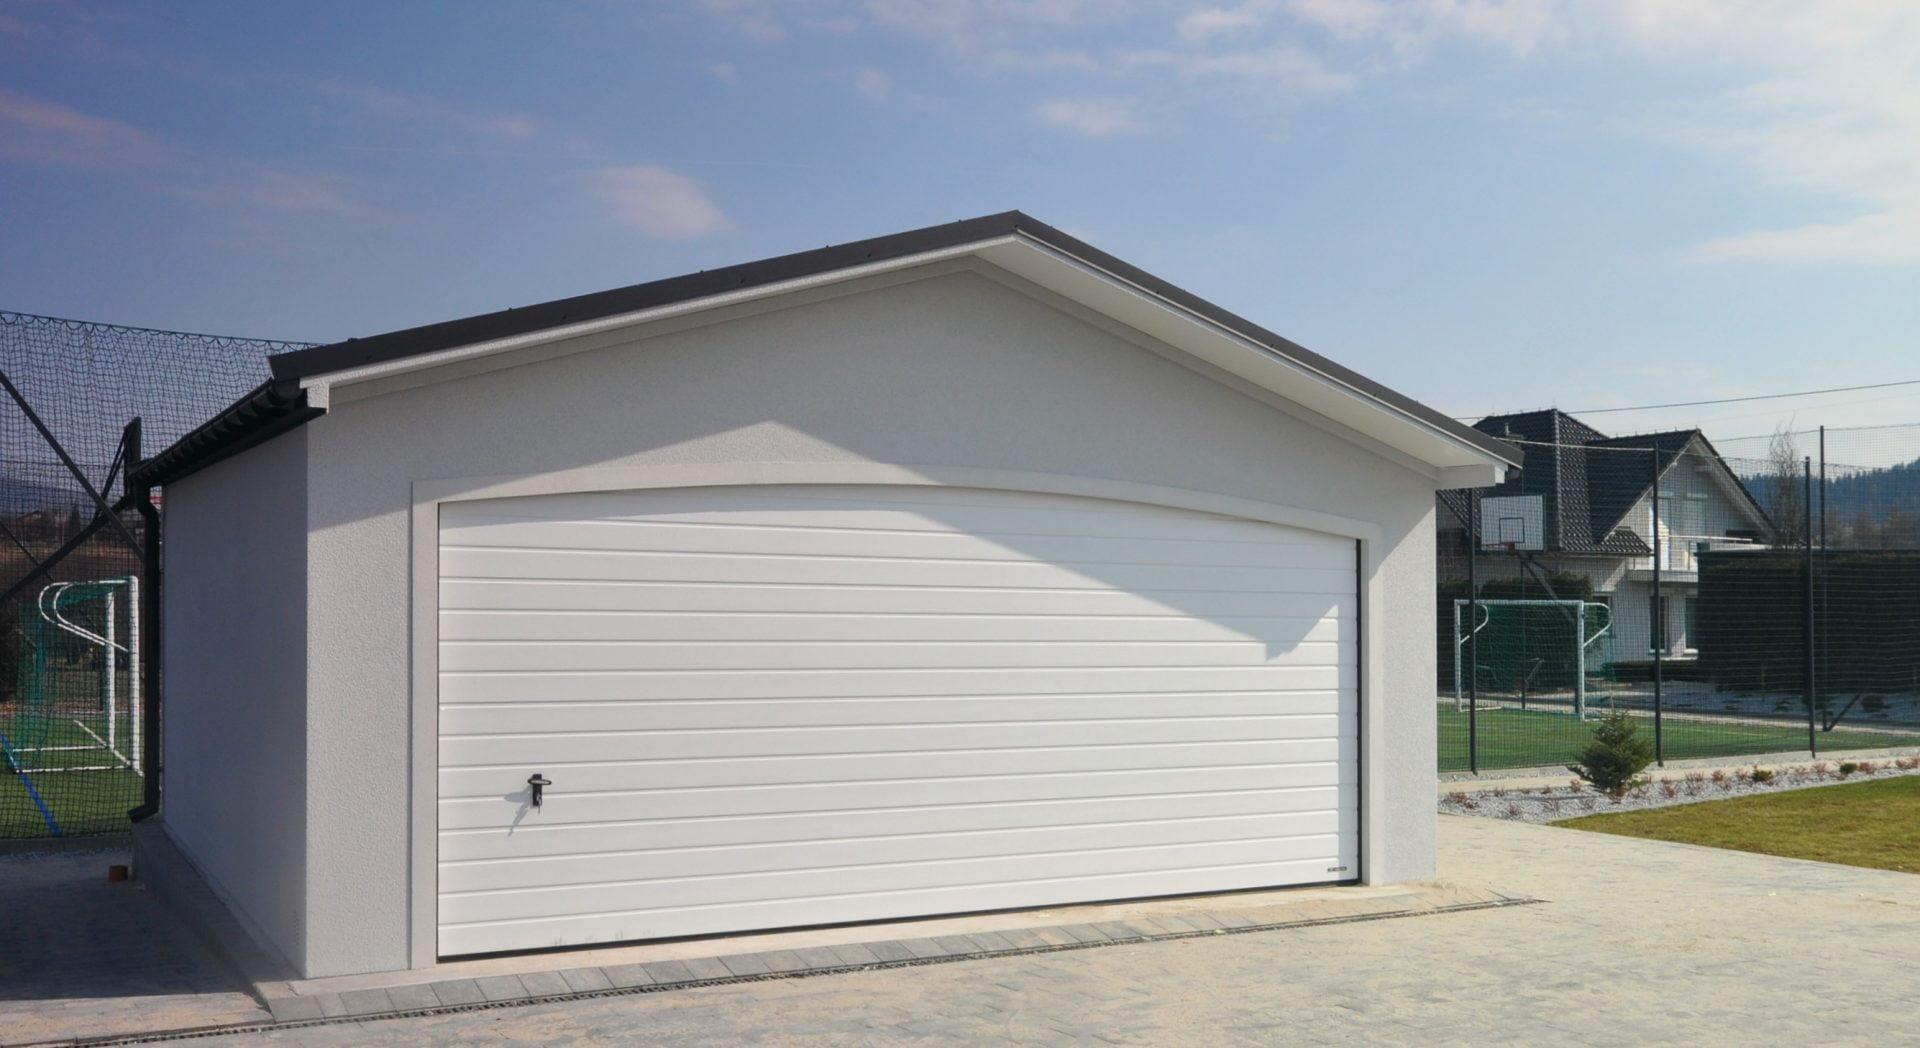 Garaż tynkowany Duo-Antica - 2 samochody, 6,0 x 5,7